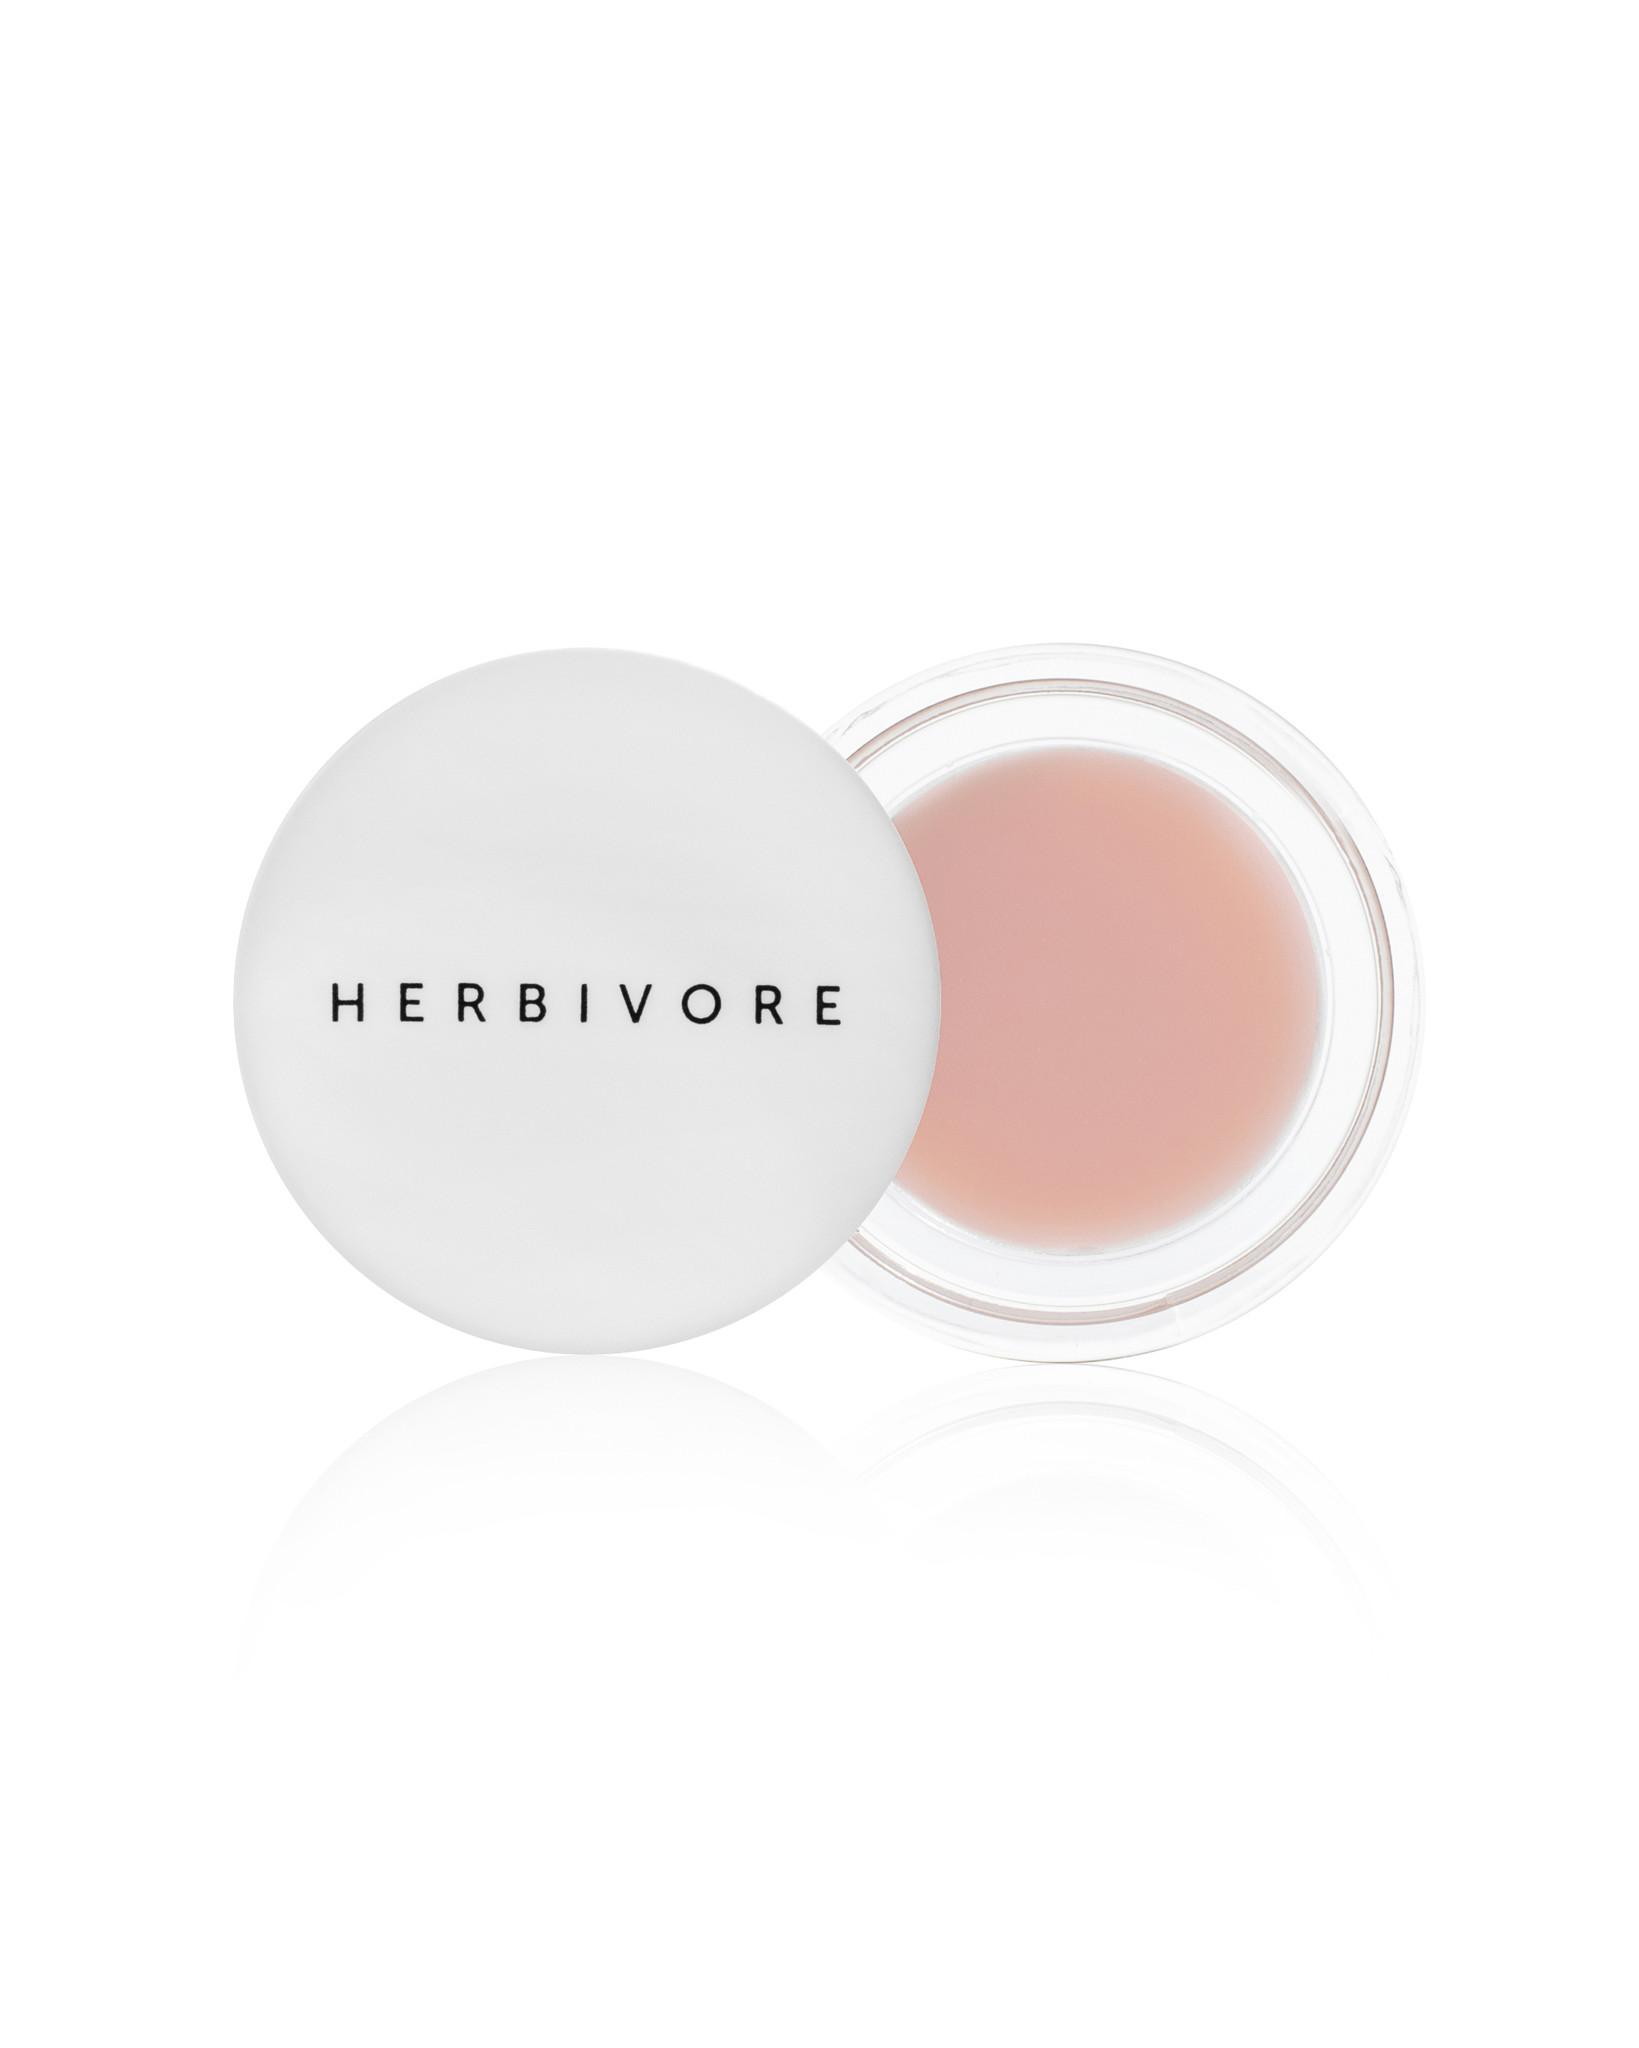 Herbivore Botanicals Lip Conditioner, $22